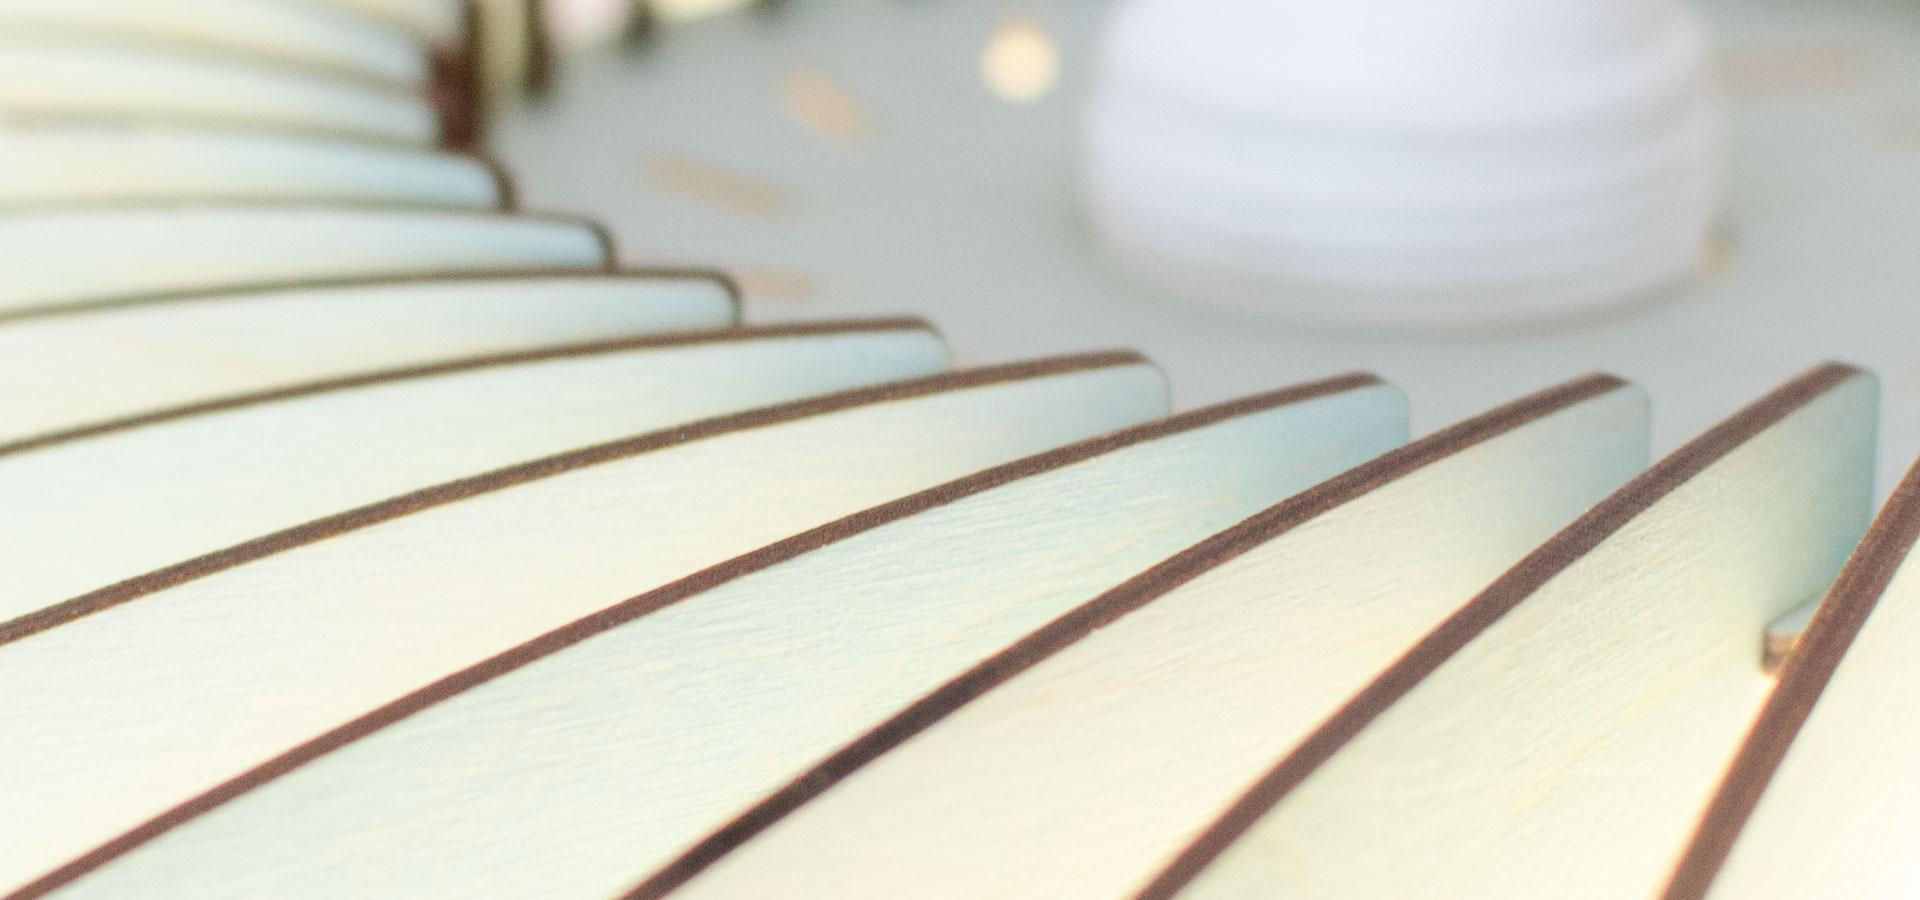 Hängelampe-aus-Holz-NEFI